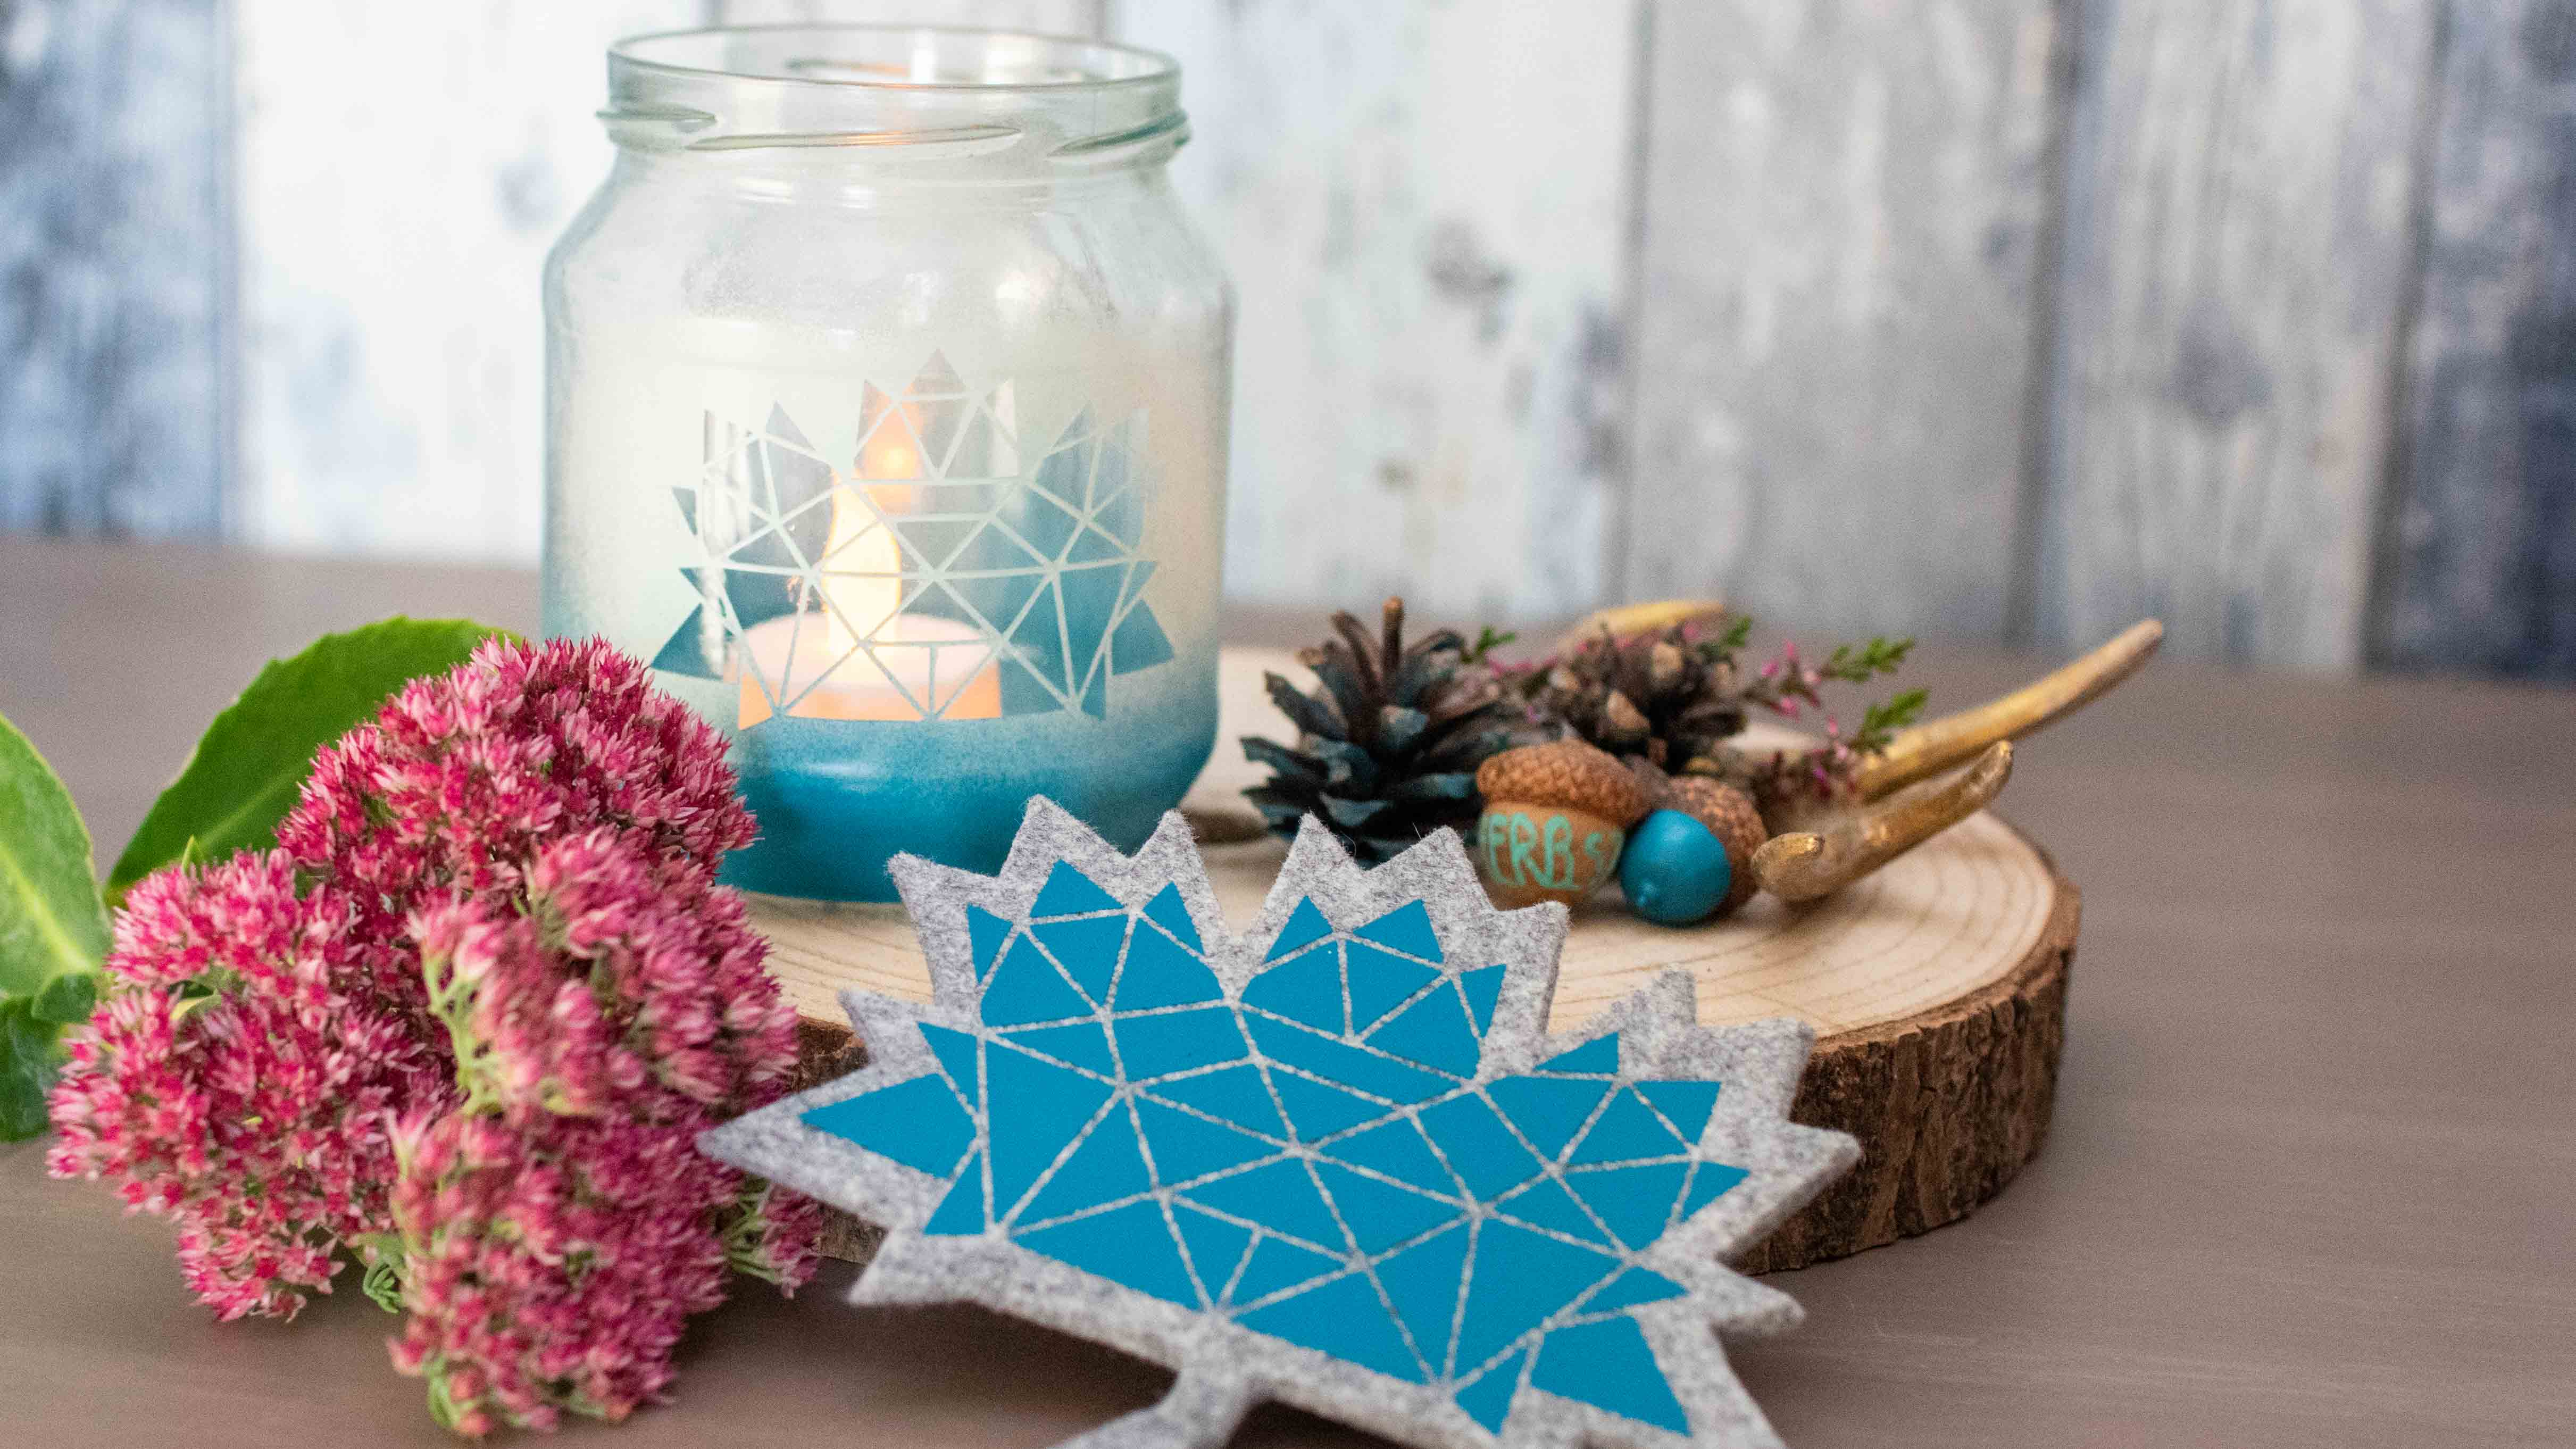 DIY Herbstdeko: Upcycling Windlicht & Filz Untersetzer || mit dem Plotter gestalten